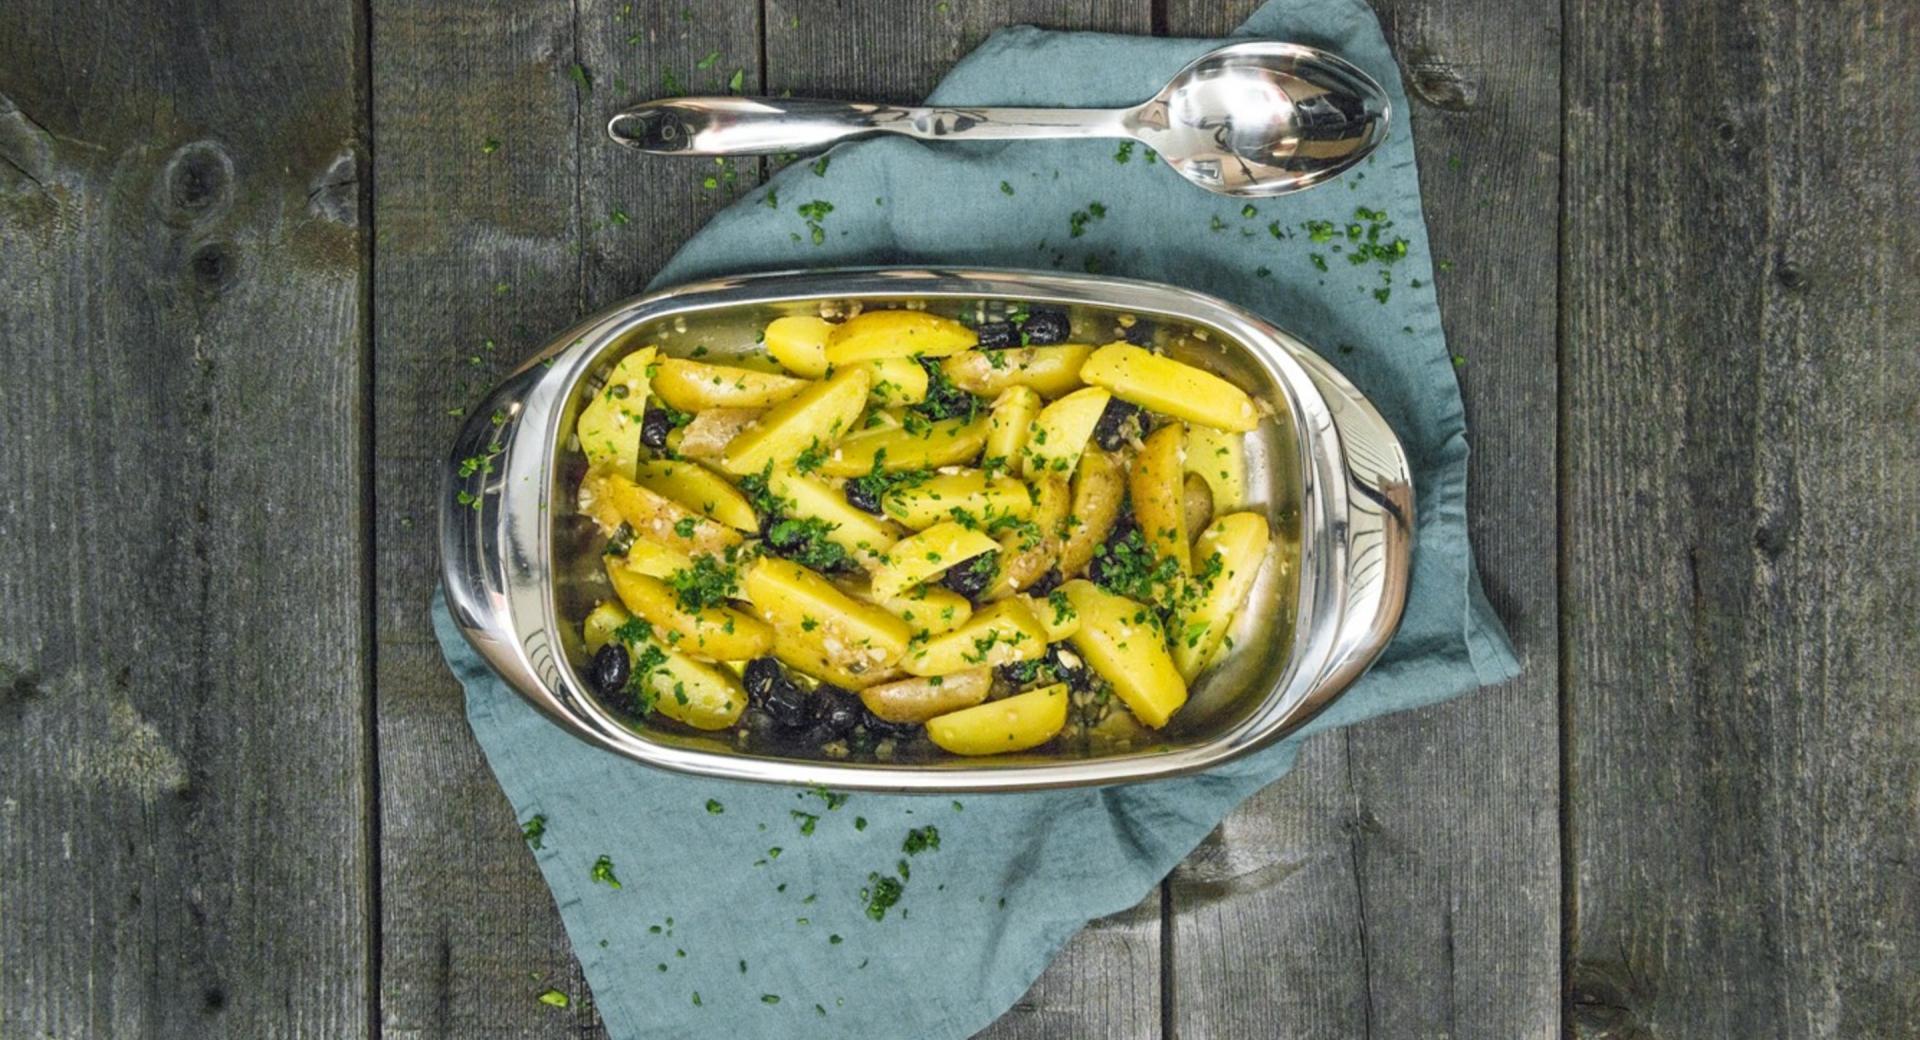 Ensalada de patatas y olivas